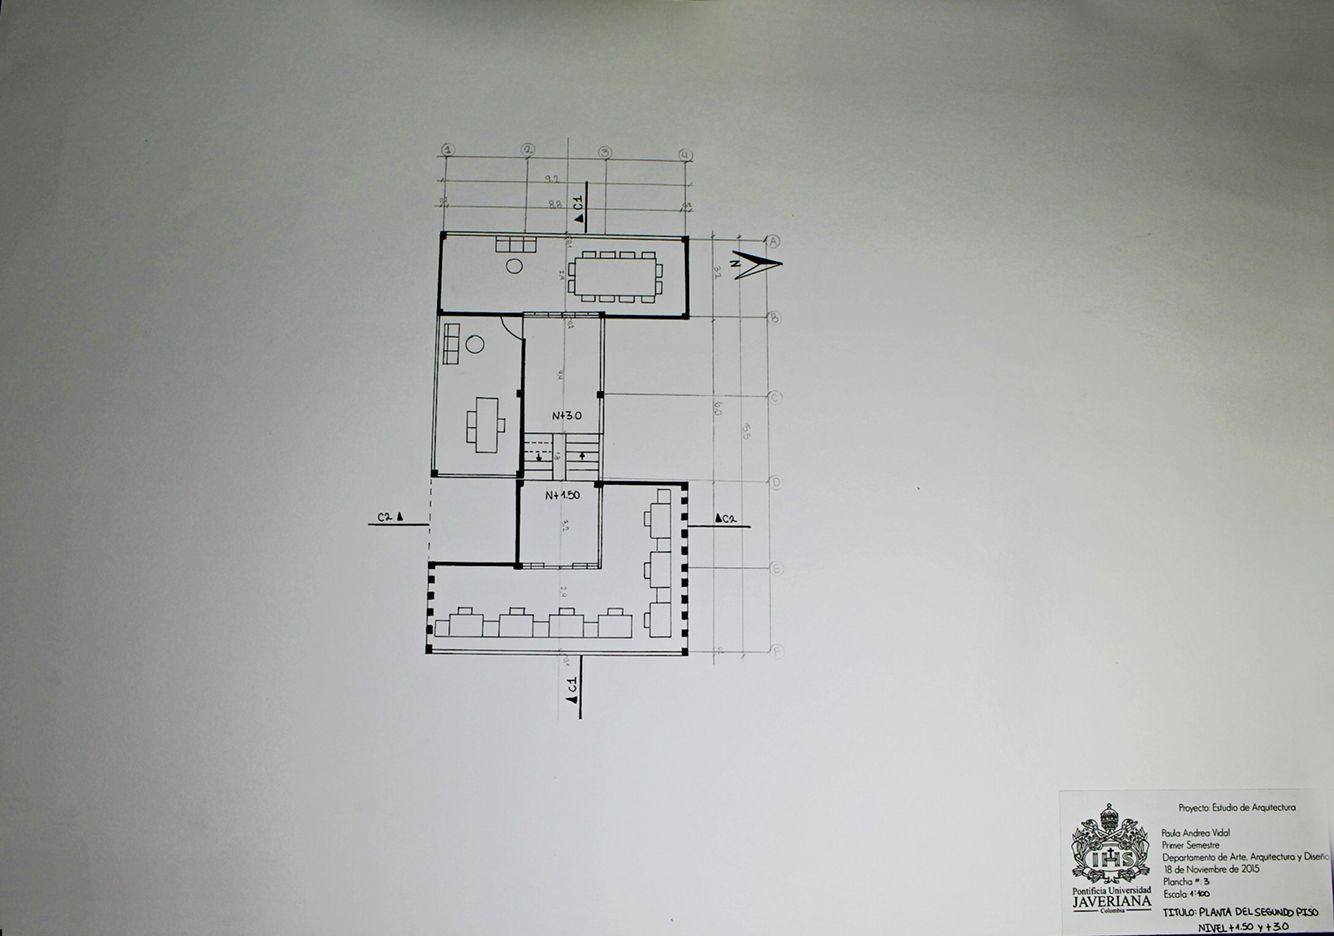 Planta Nivel +3.0 y +1.50 escala 1:100